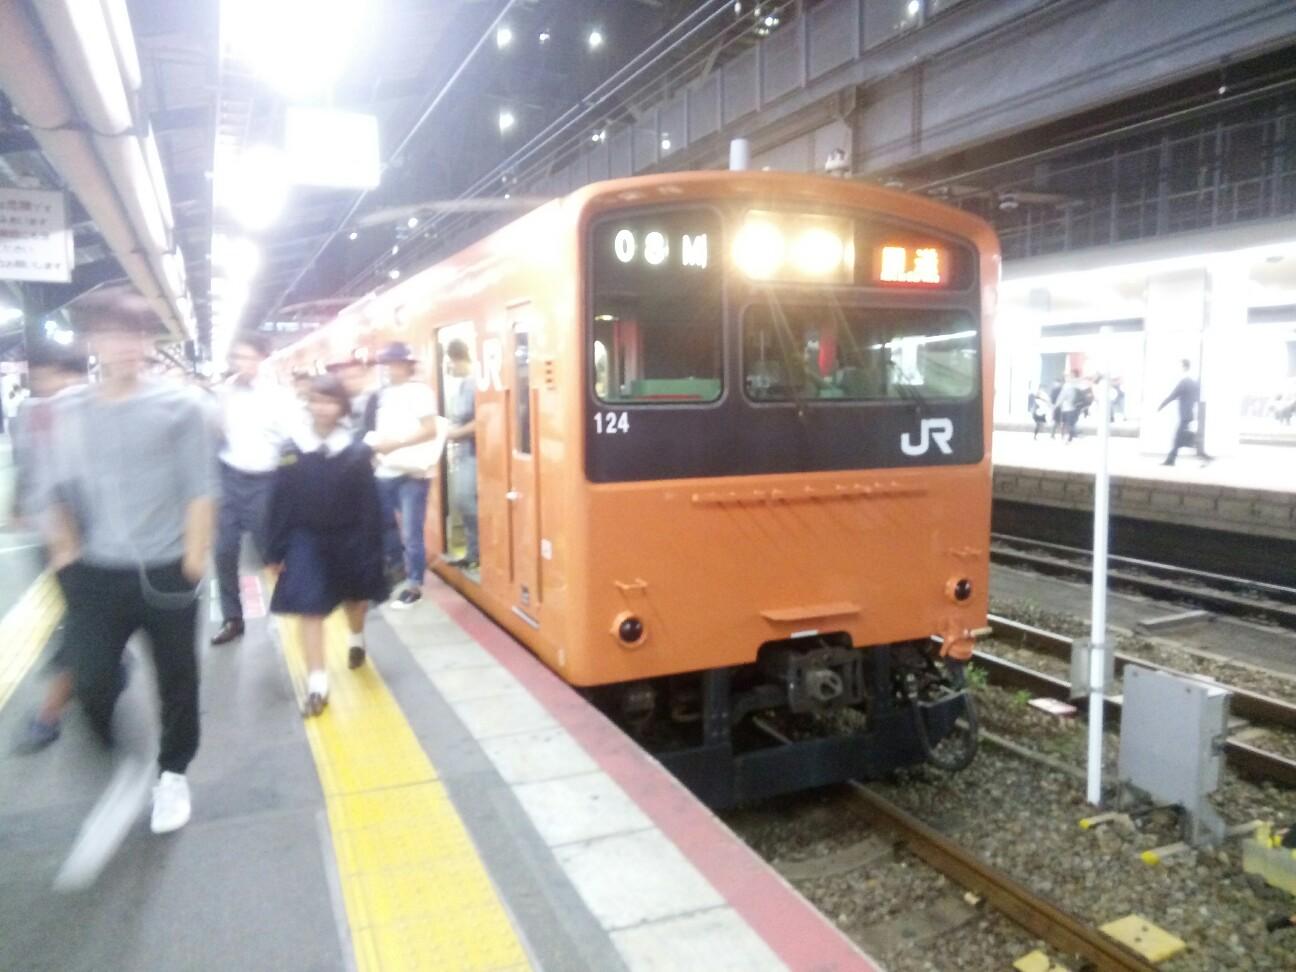 f:id:Osakaloopline:20170930231029j:image